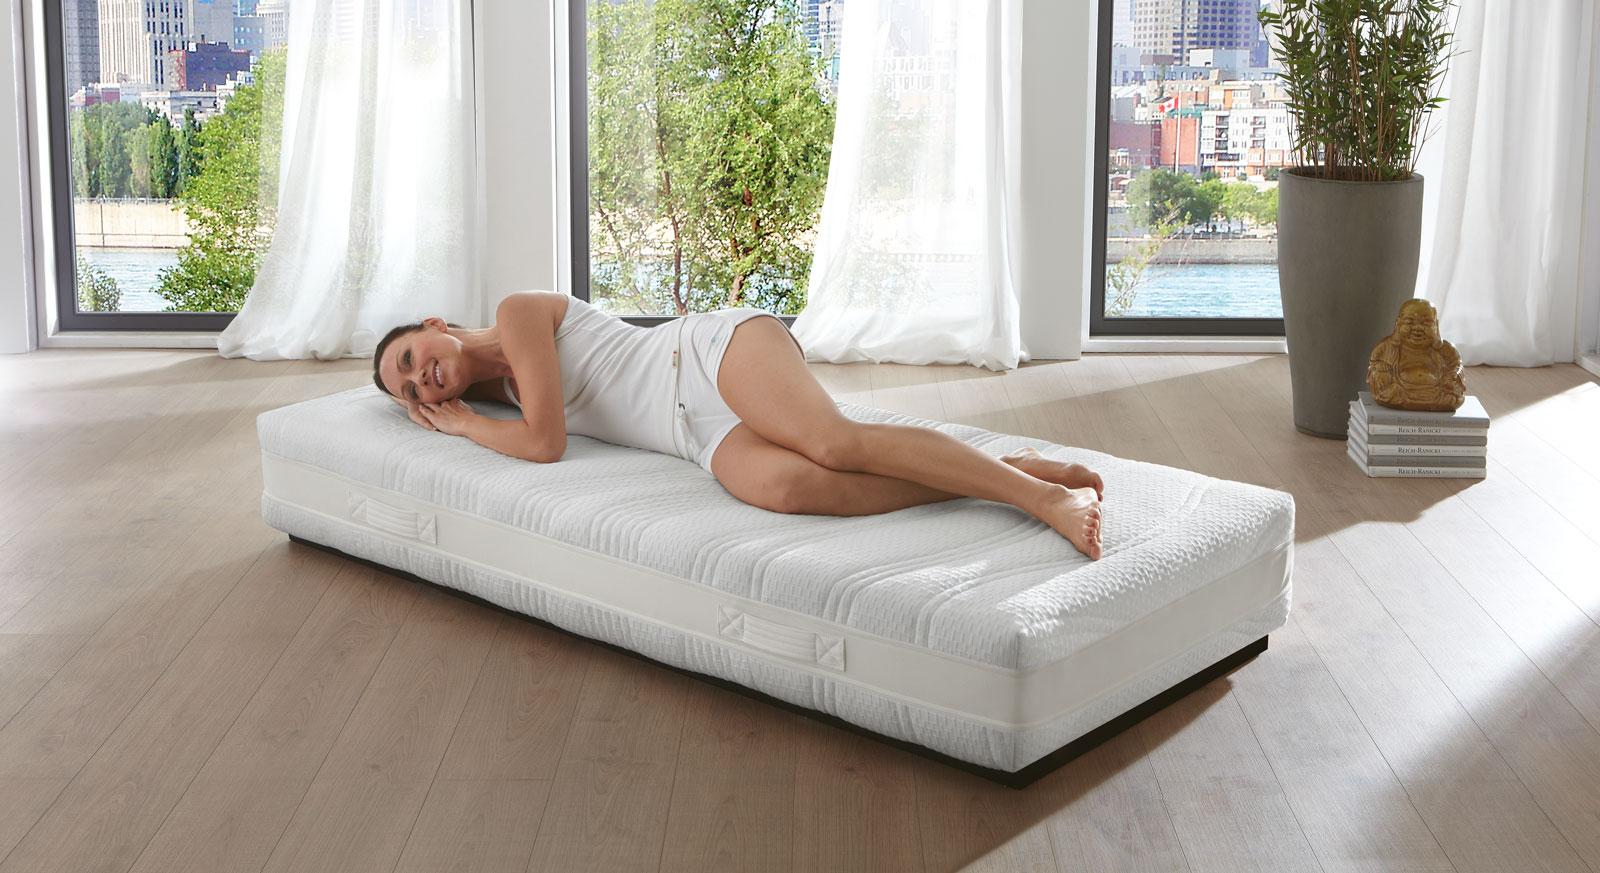 Gelax-Schaumfeder-Matratze Hylex-Spring für alle Schlafpositionen geeignet